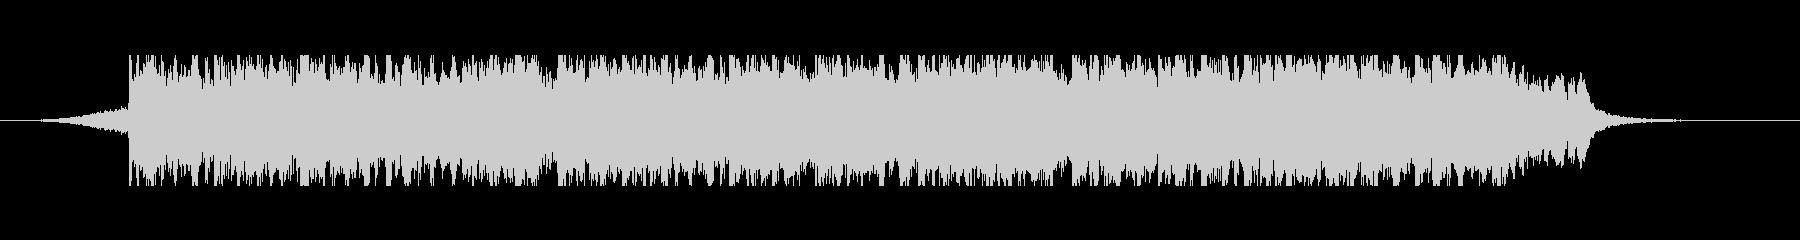 プリンスオブペルシャ(38秒)の未再生の波形